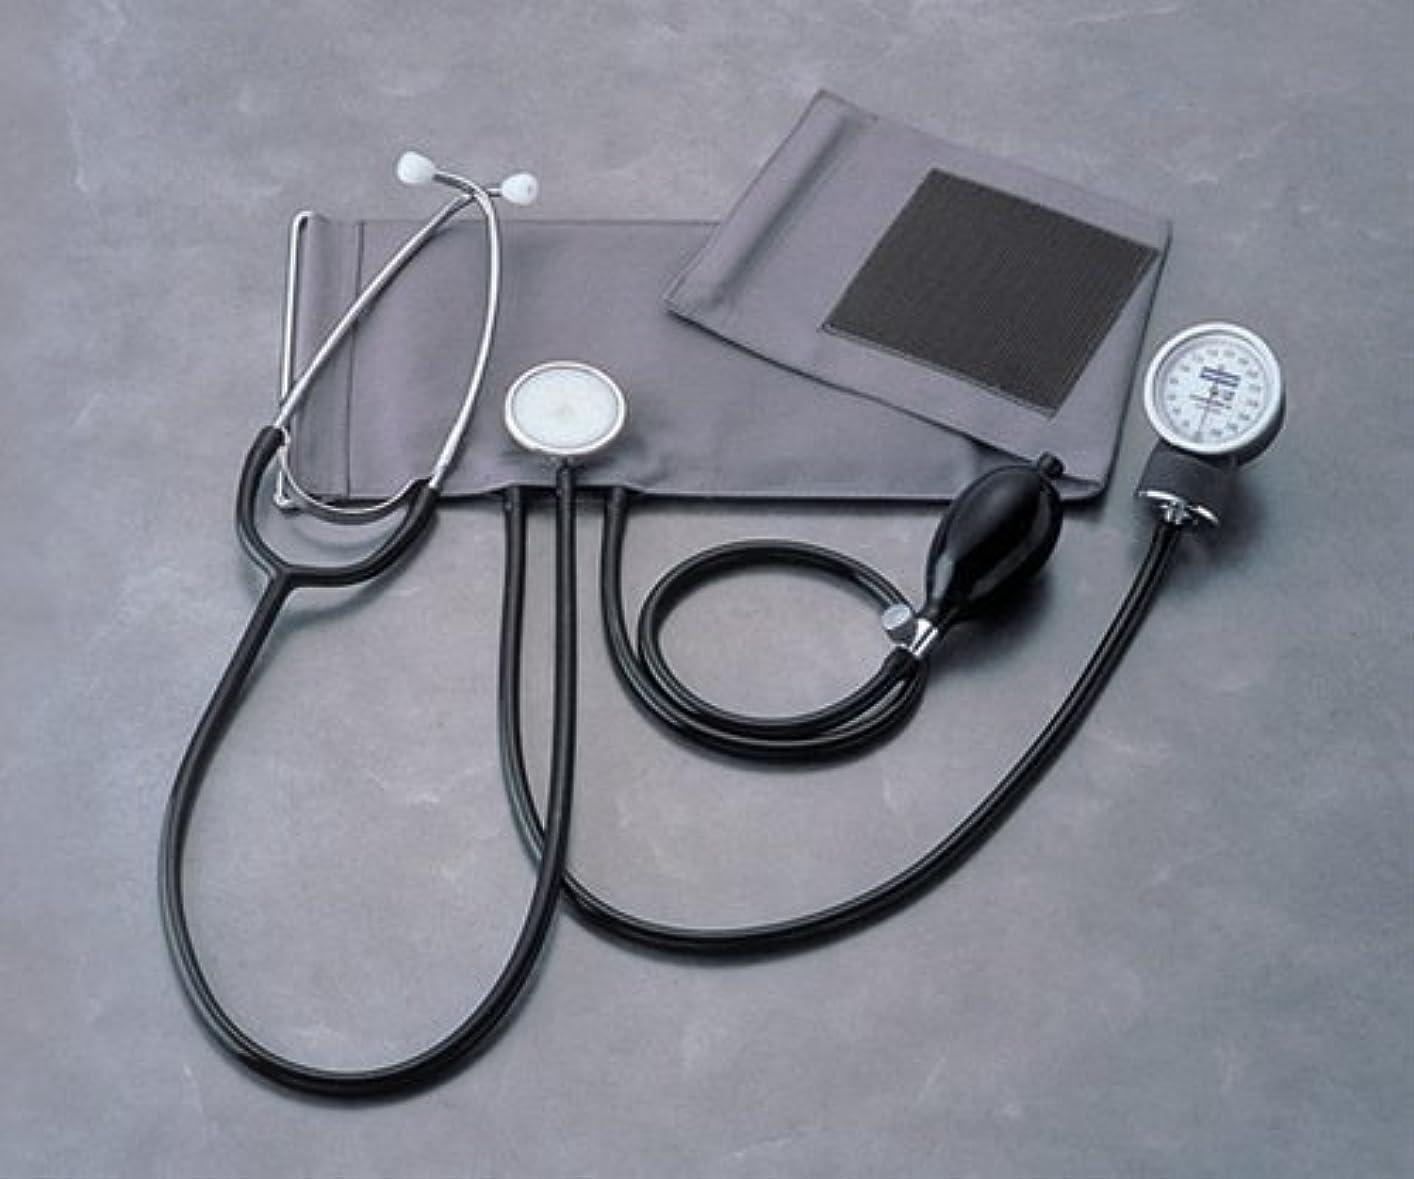 操作可能開発するルネッサンス聴診器付アネロイド血圧計 No.501 本体セット /0-7012-01